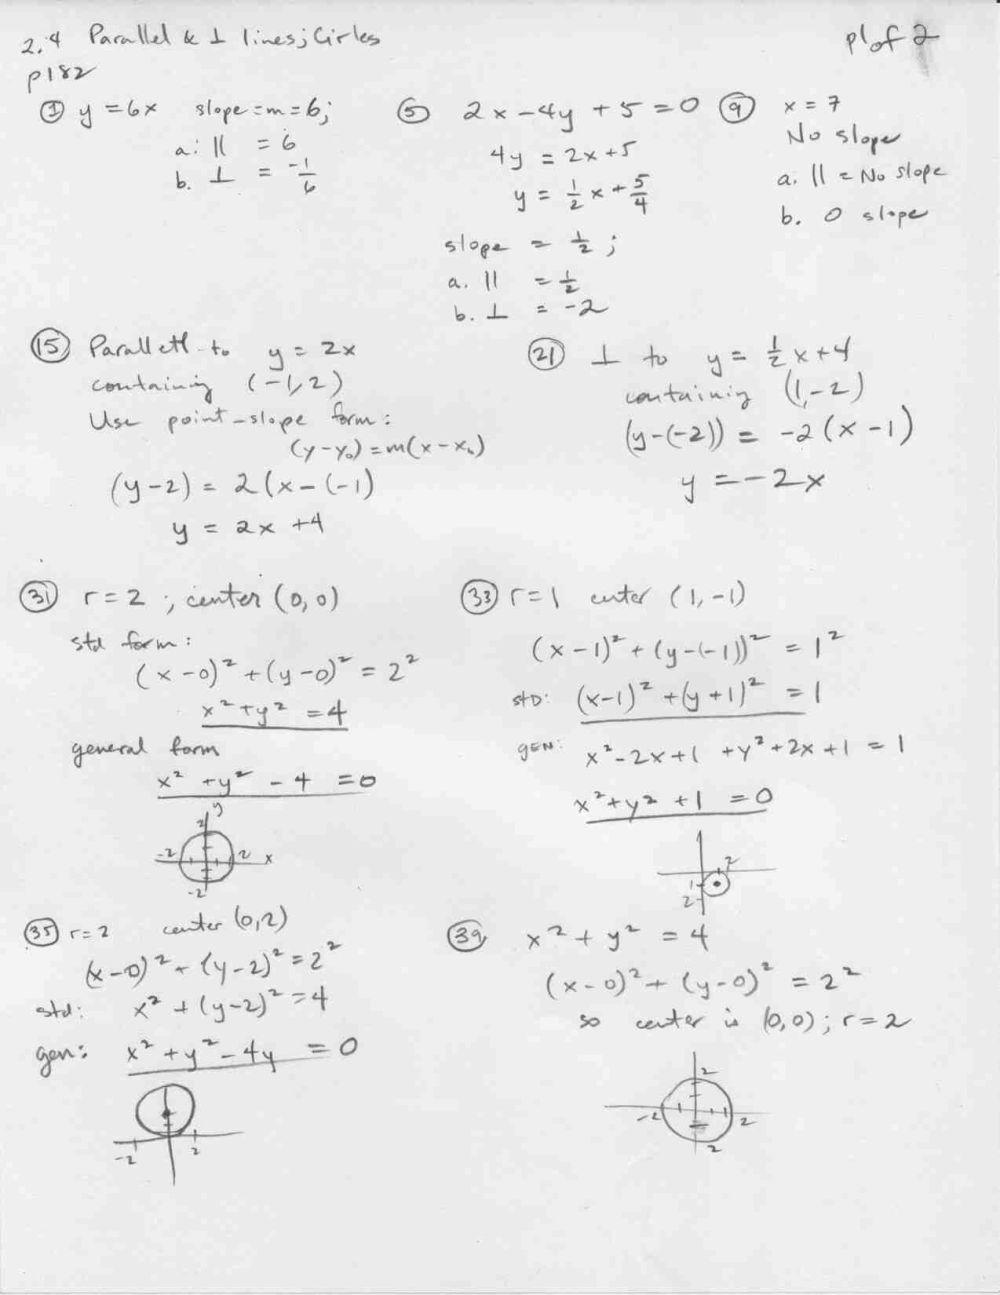 medium resolution of Algebra Properties Worksheet   Printable Worksheets and Activities for  Teachers